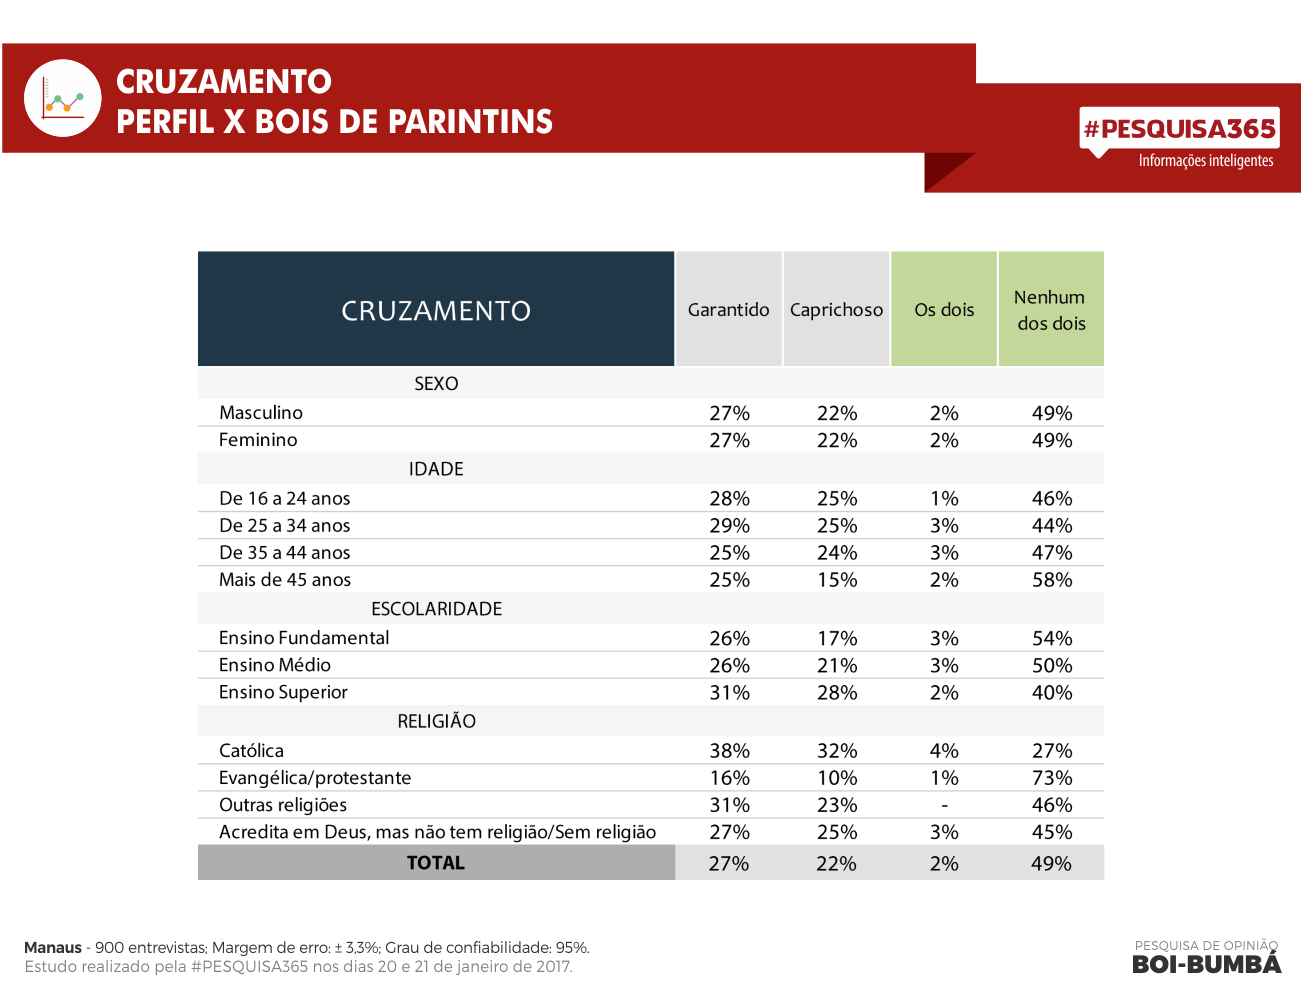 Durango Duarte - Garantido ganha do Caprichoso